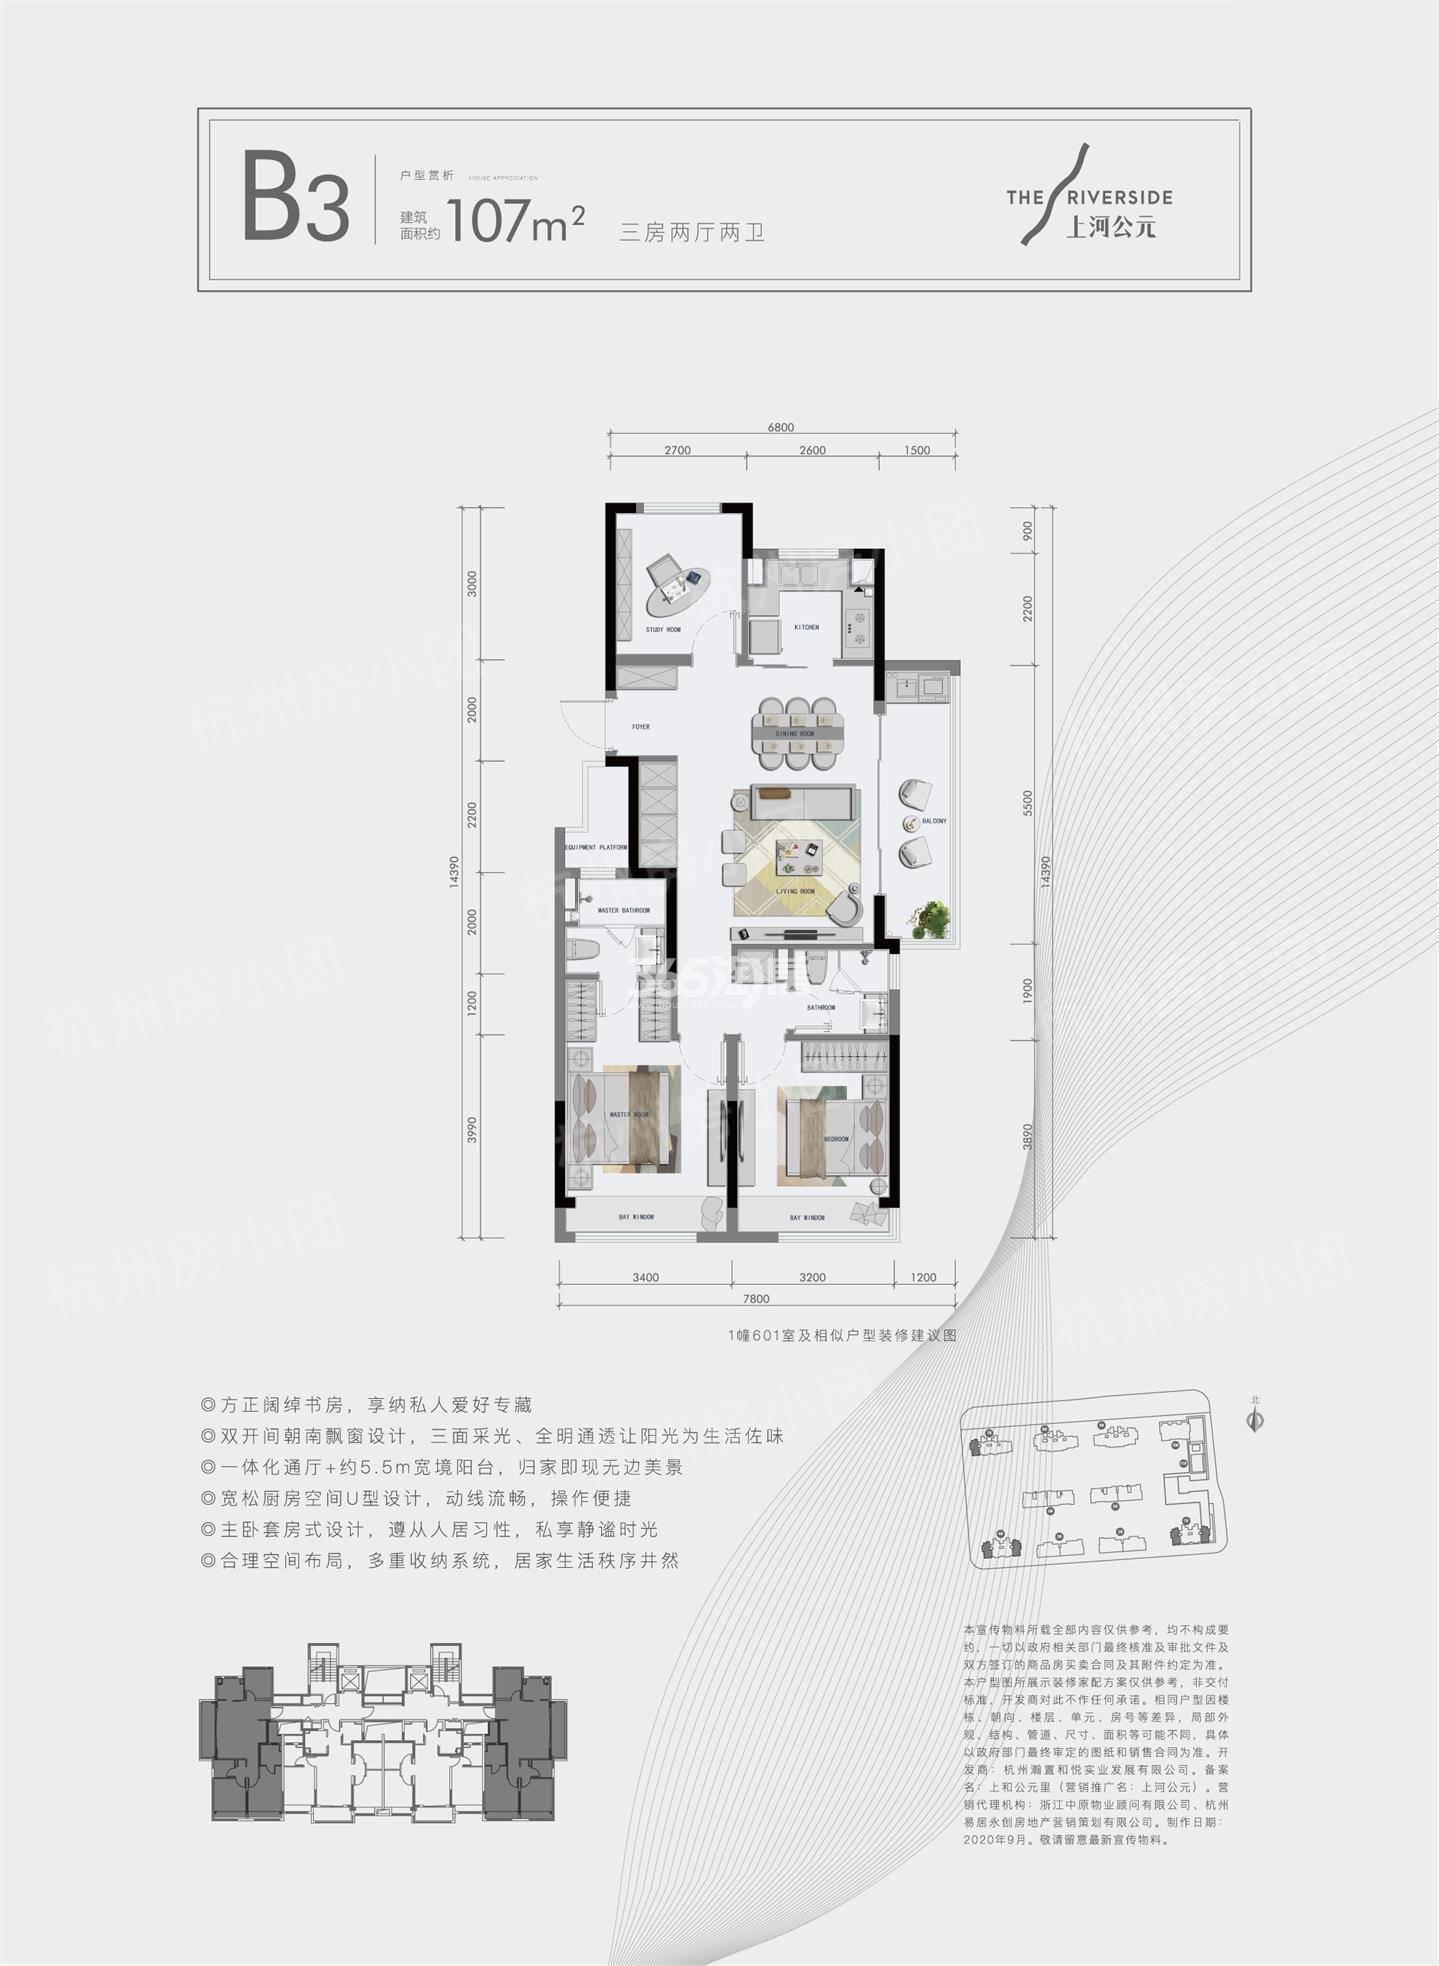 香港置地上河公元B3户型约107㎡(1、4#)